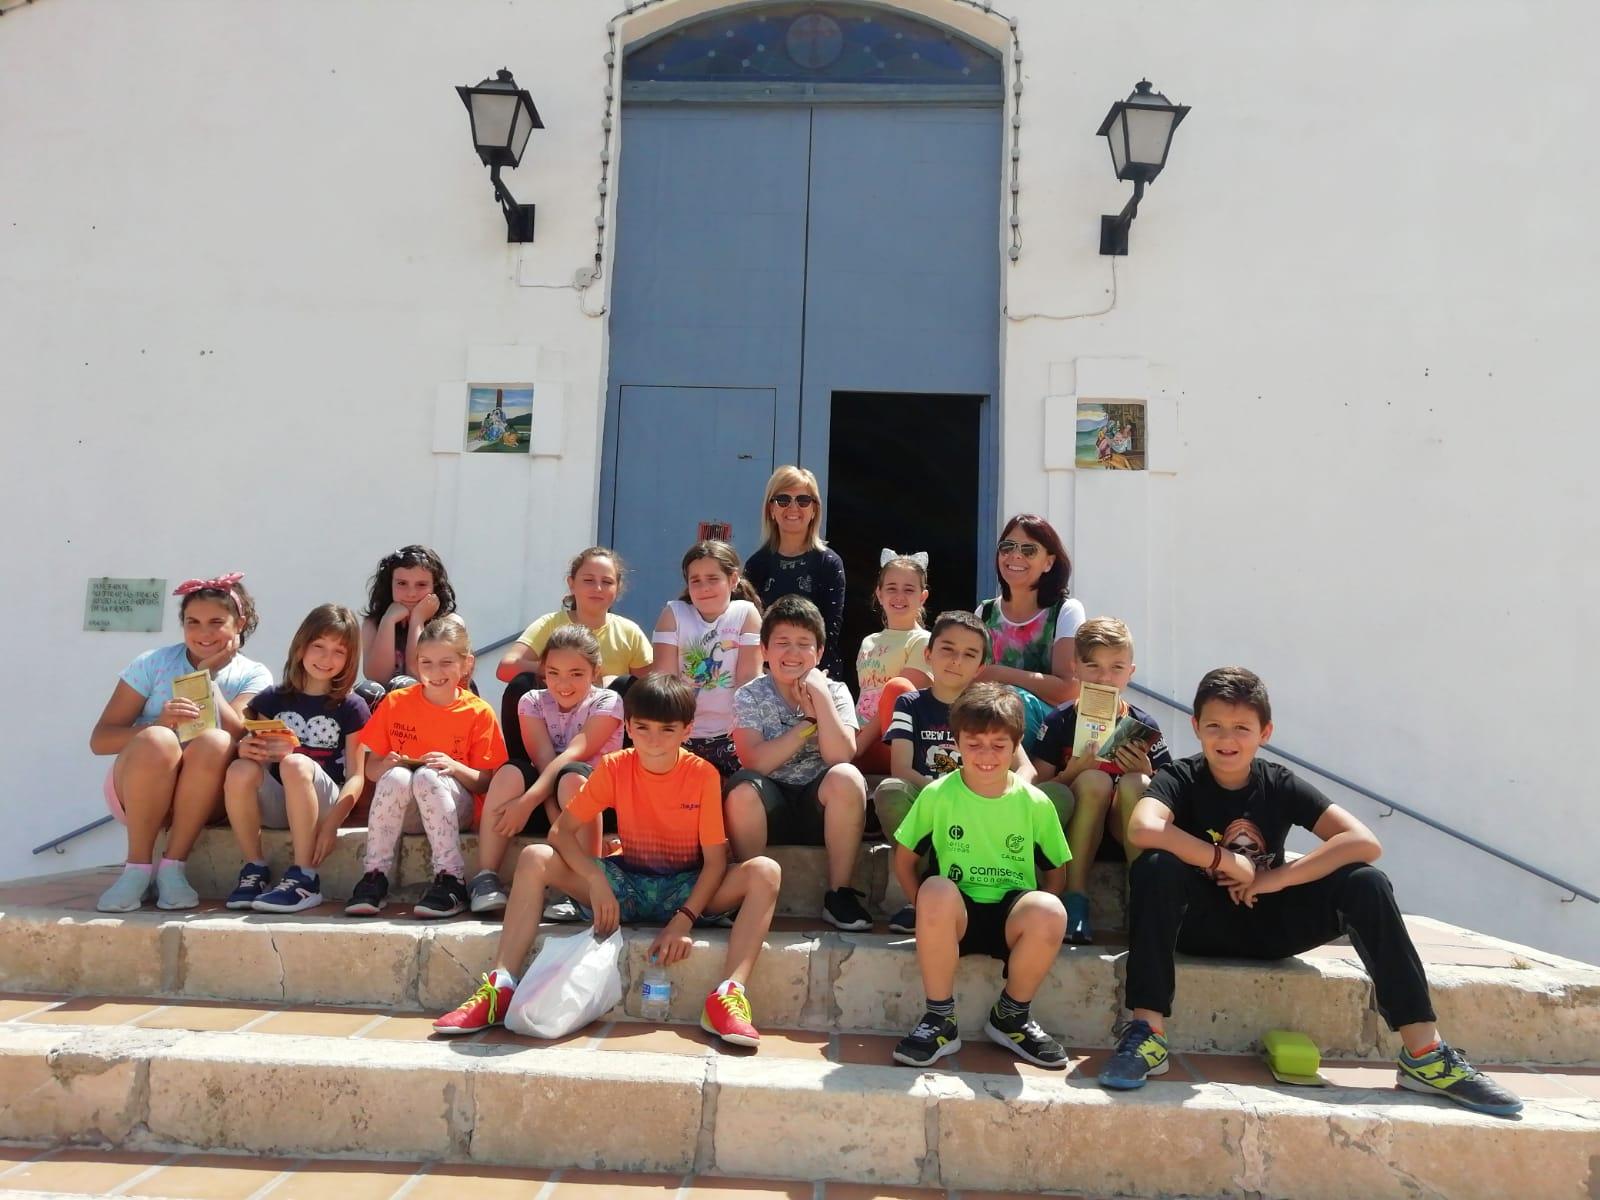 (2019-05-29) Visita alumnos Laura - 3 B primaria - Reina Sofia - Isabel B (04)